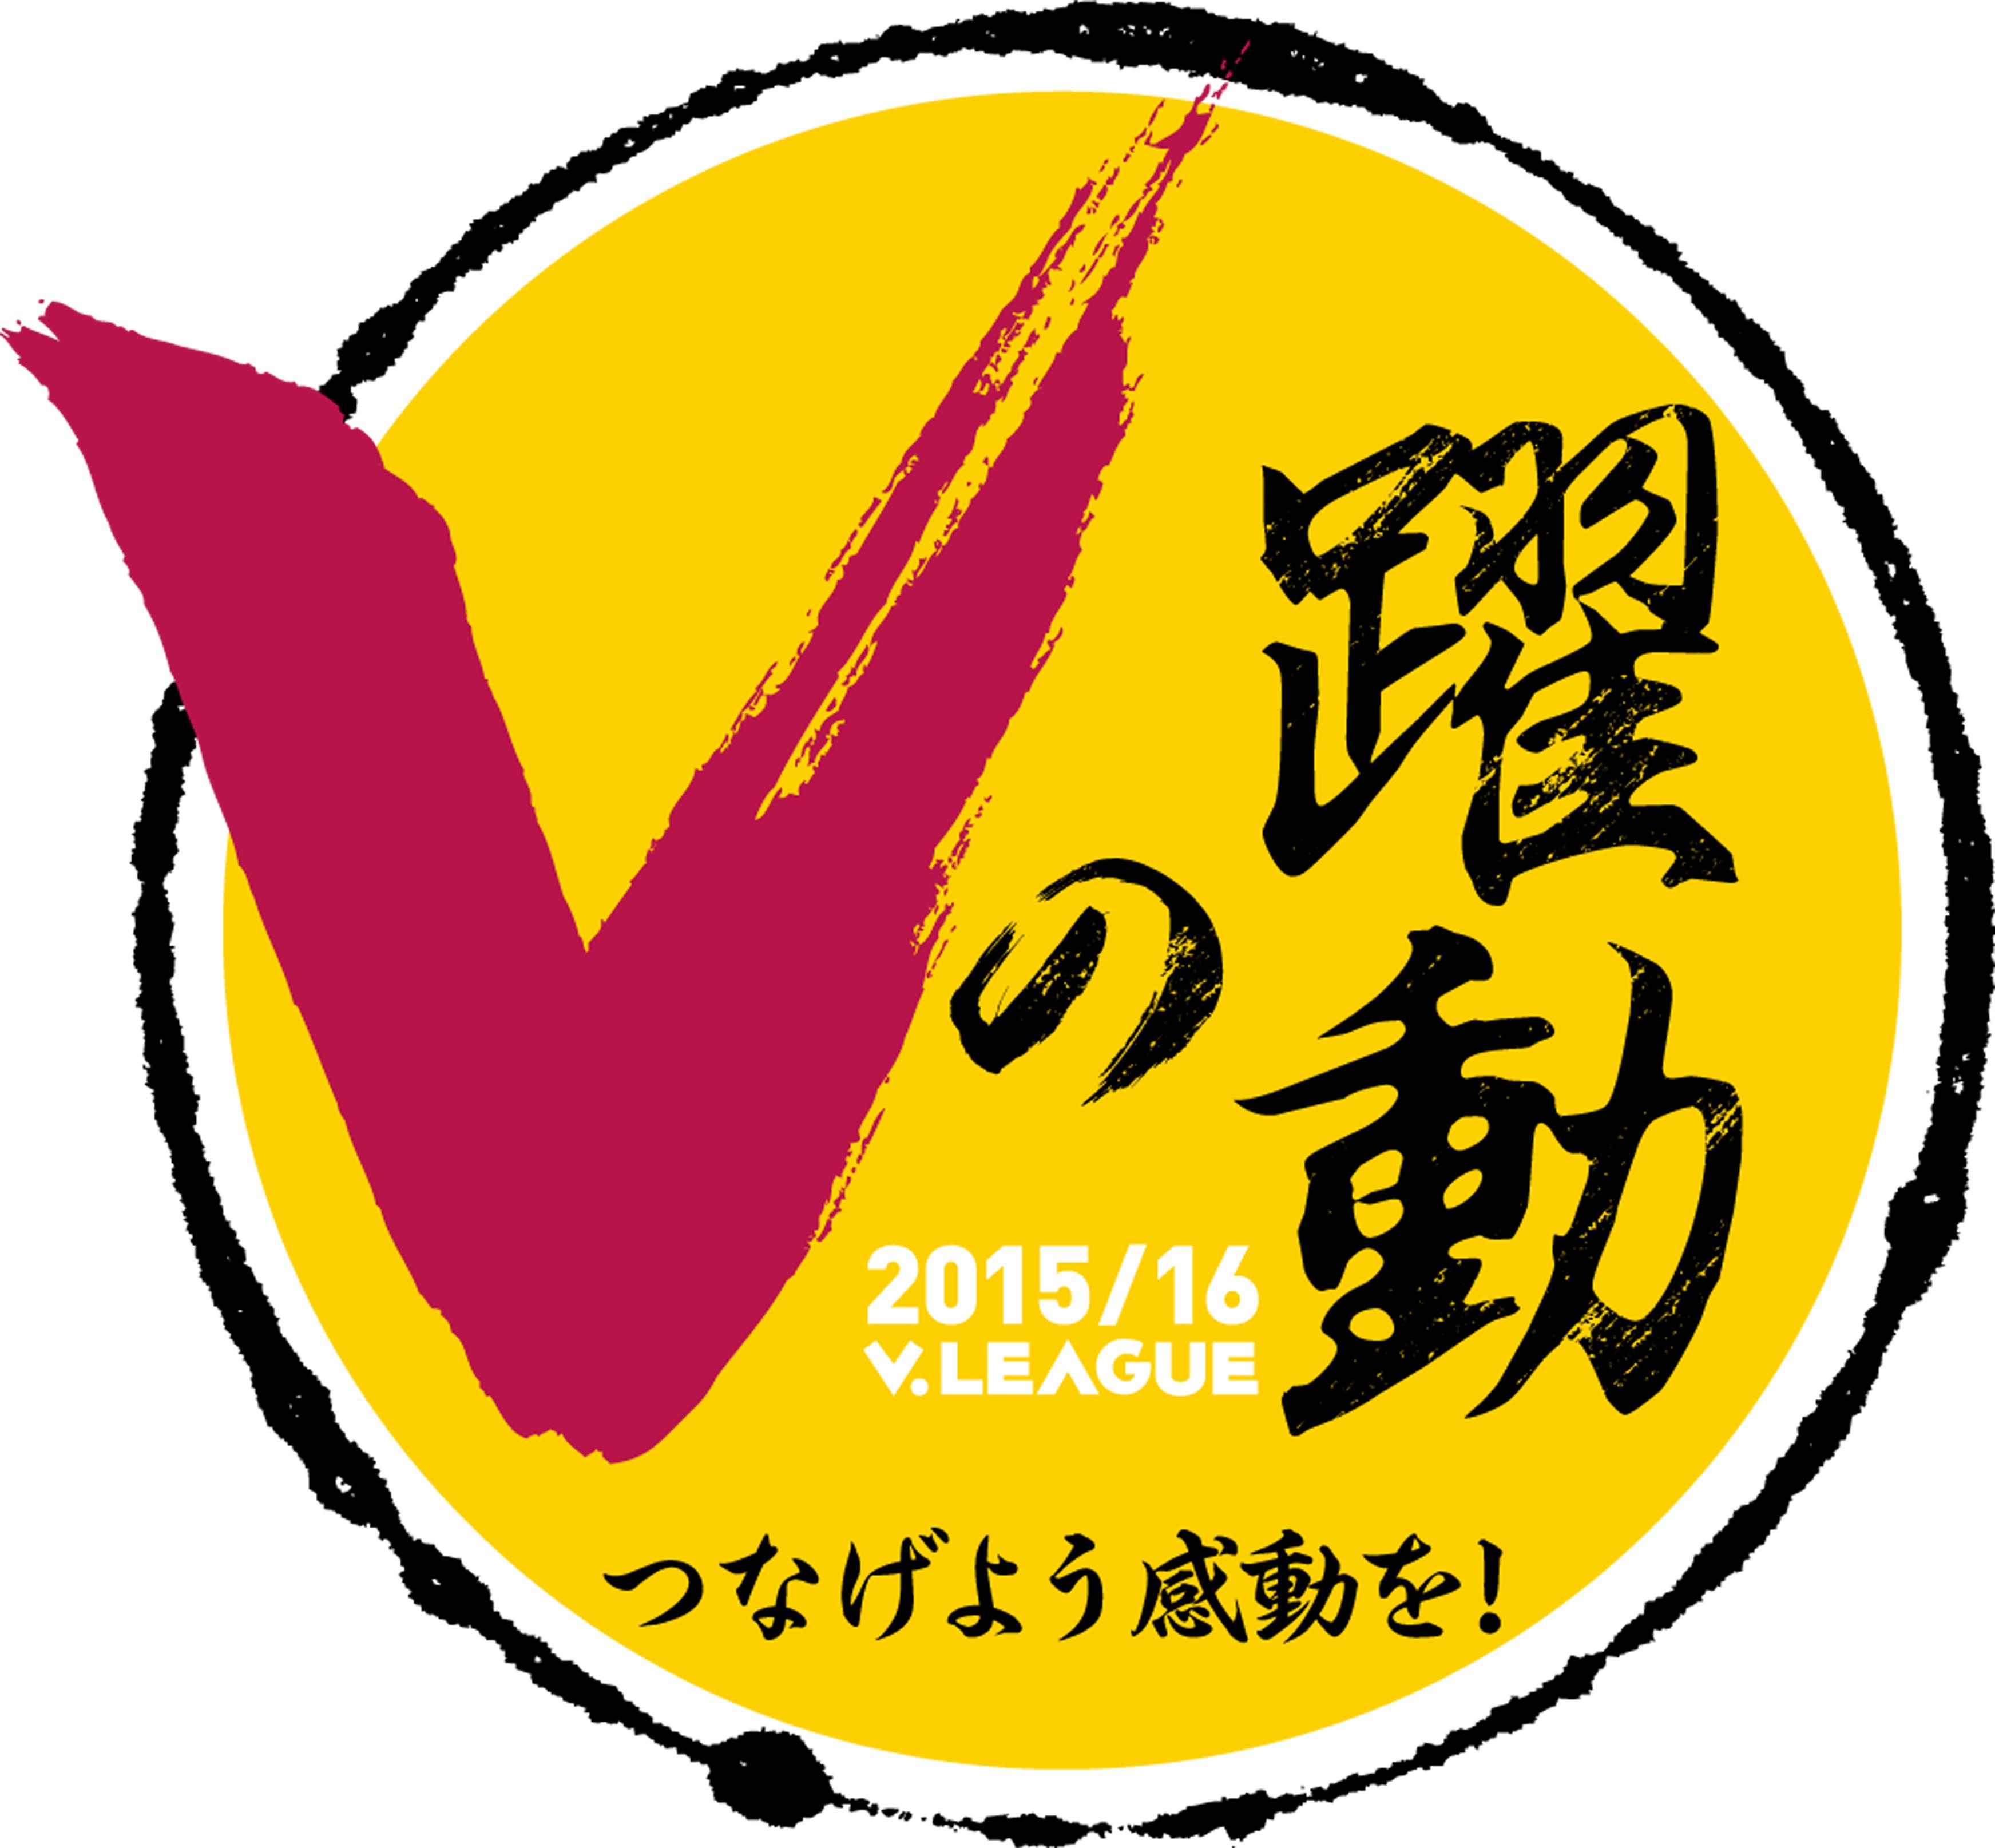 日本バレーに注目!遂にプロ化! 「スーパーリーグ構想」を発表